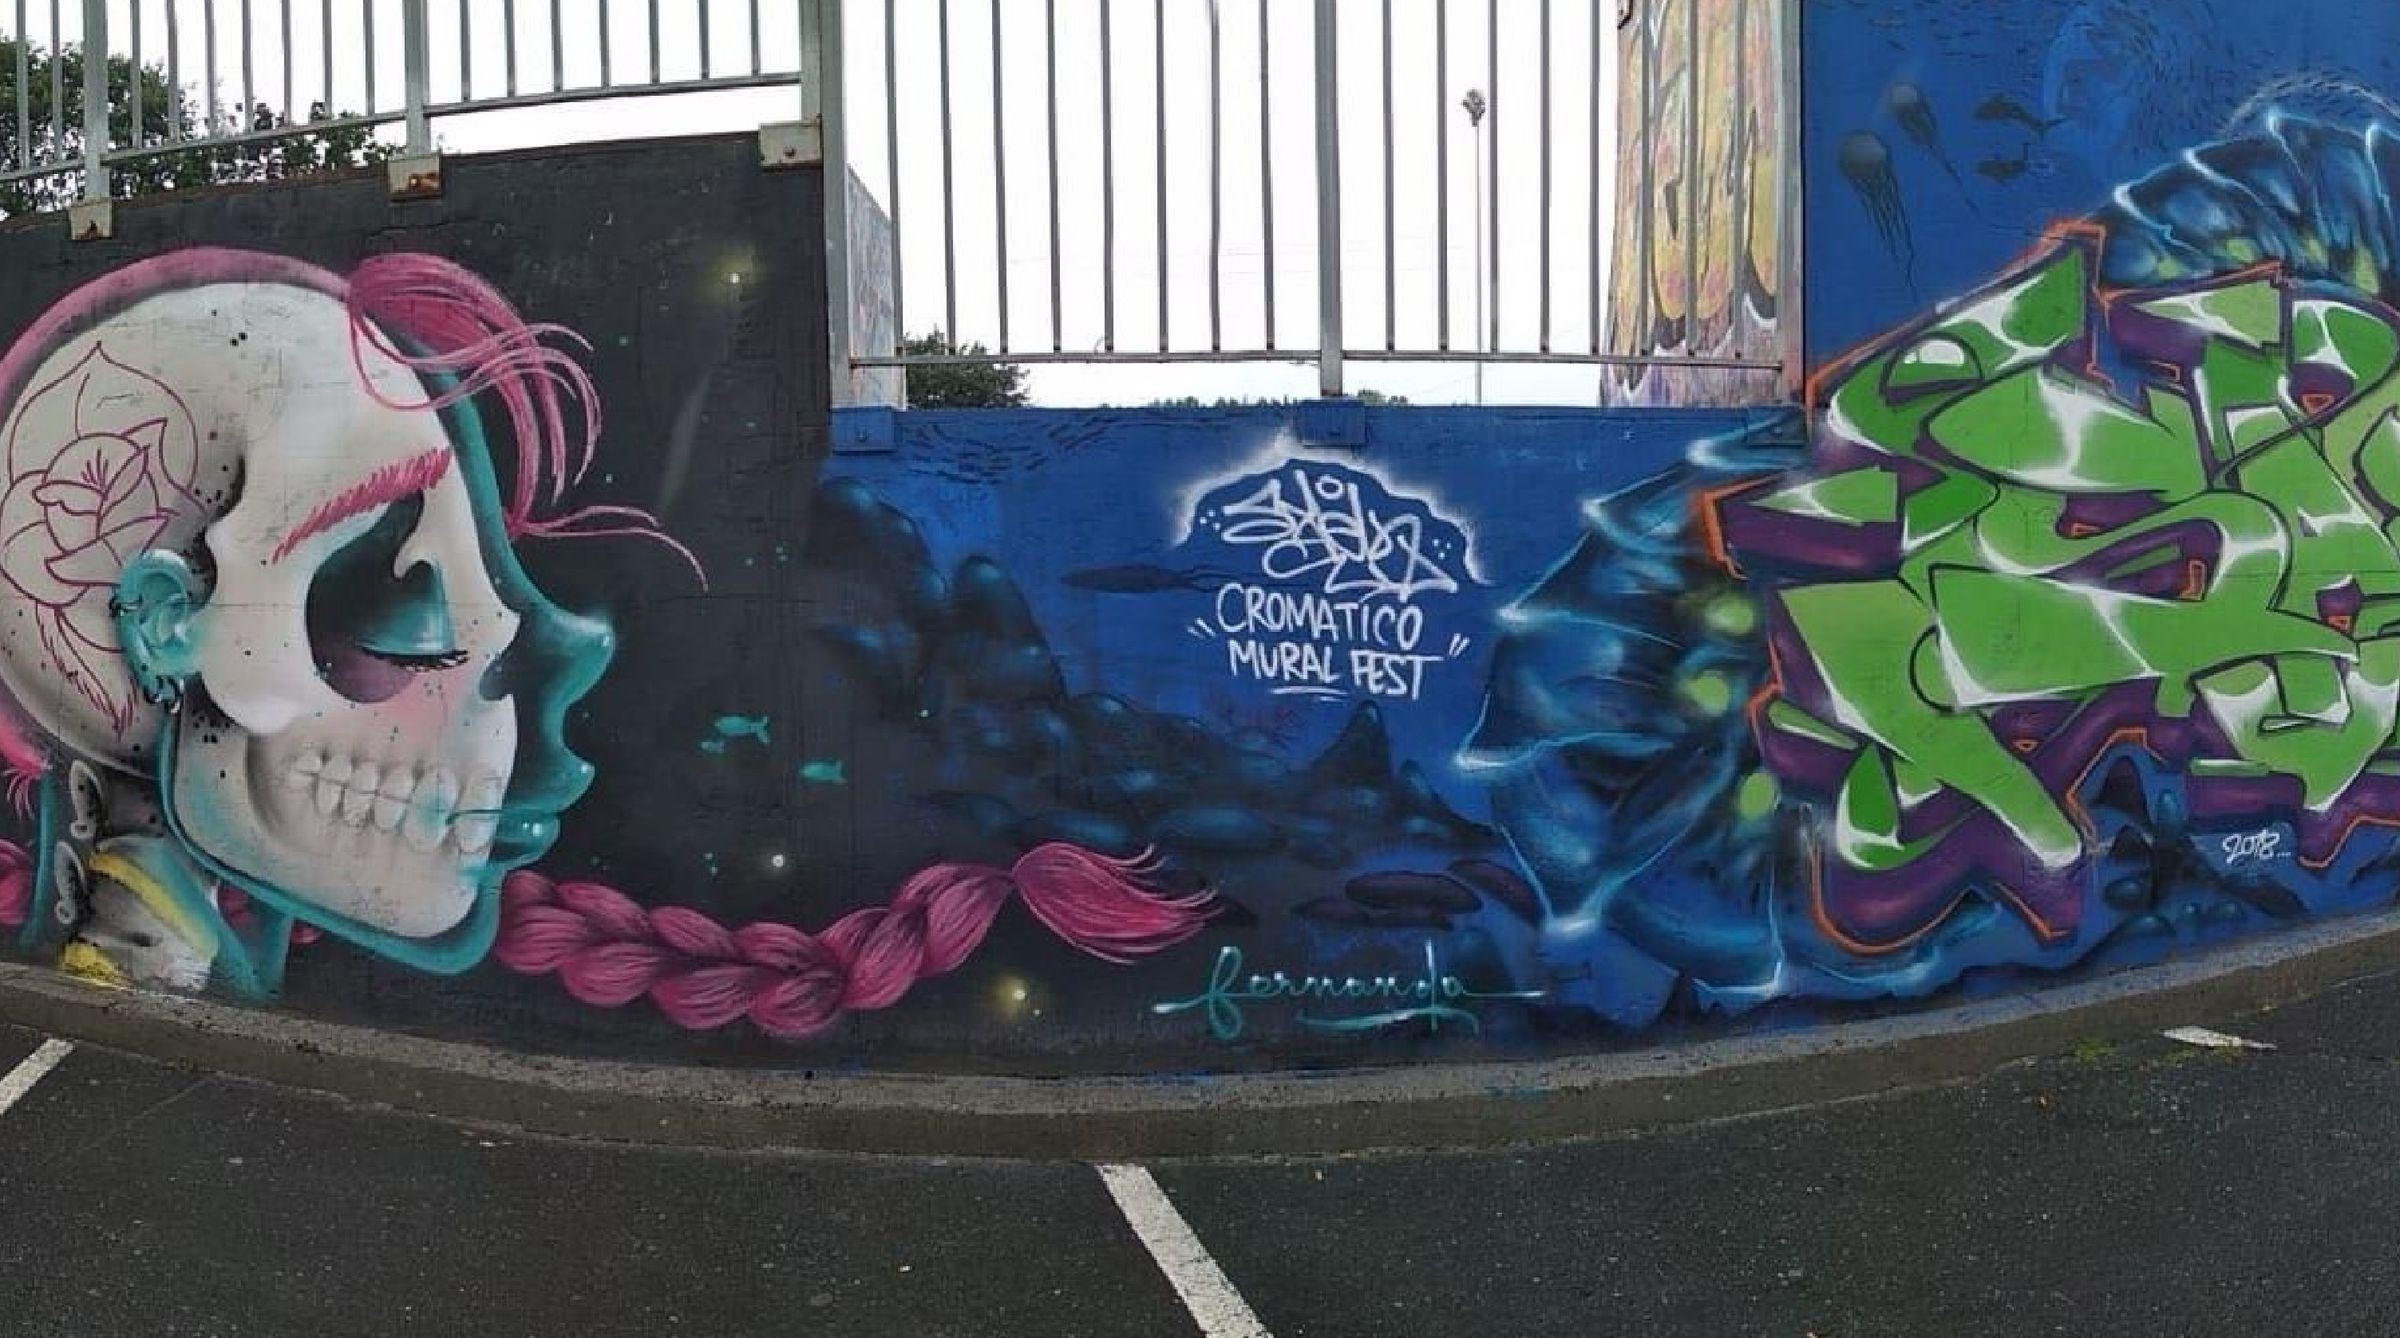 El Cromático Mural Fest programa una visita guiada, con inscripción previa, para recorrer en bus, el 30 de julio, los murales que se han realizado en este certamen desde su primera edición, como el de la imagen. Actualmente hay 13 ya realizados y se complementará este año con otros cinco.